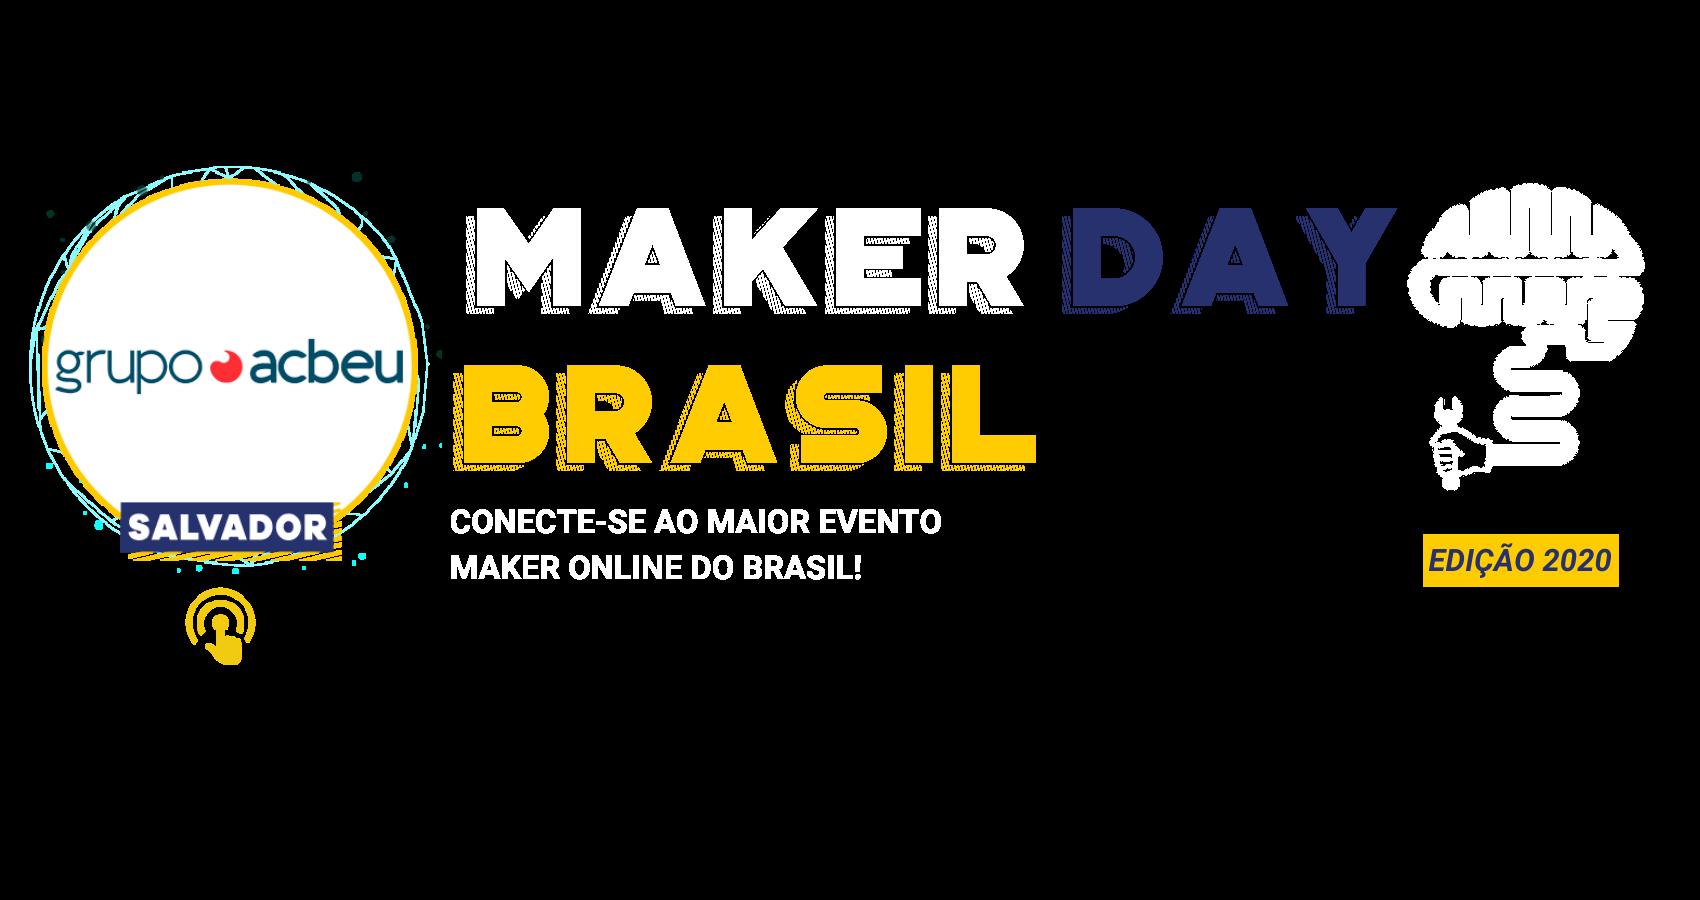 Maker Day Brasil Capa Salvador